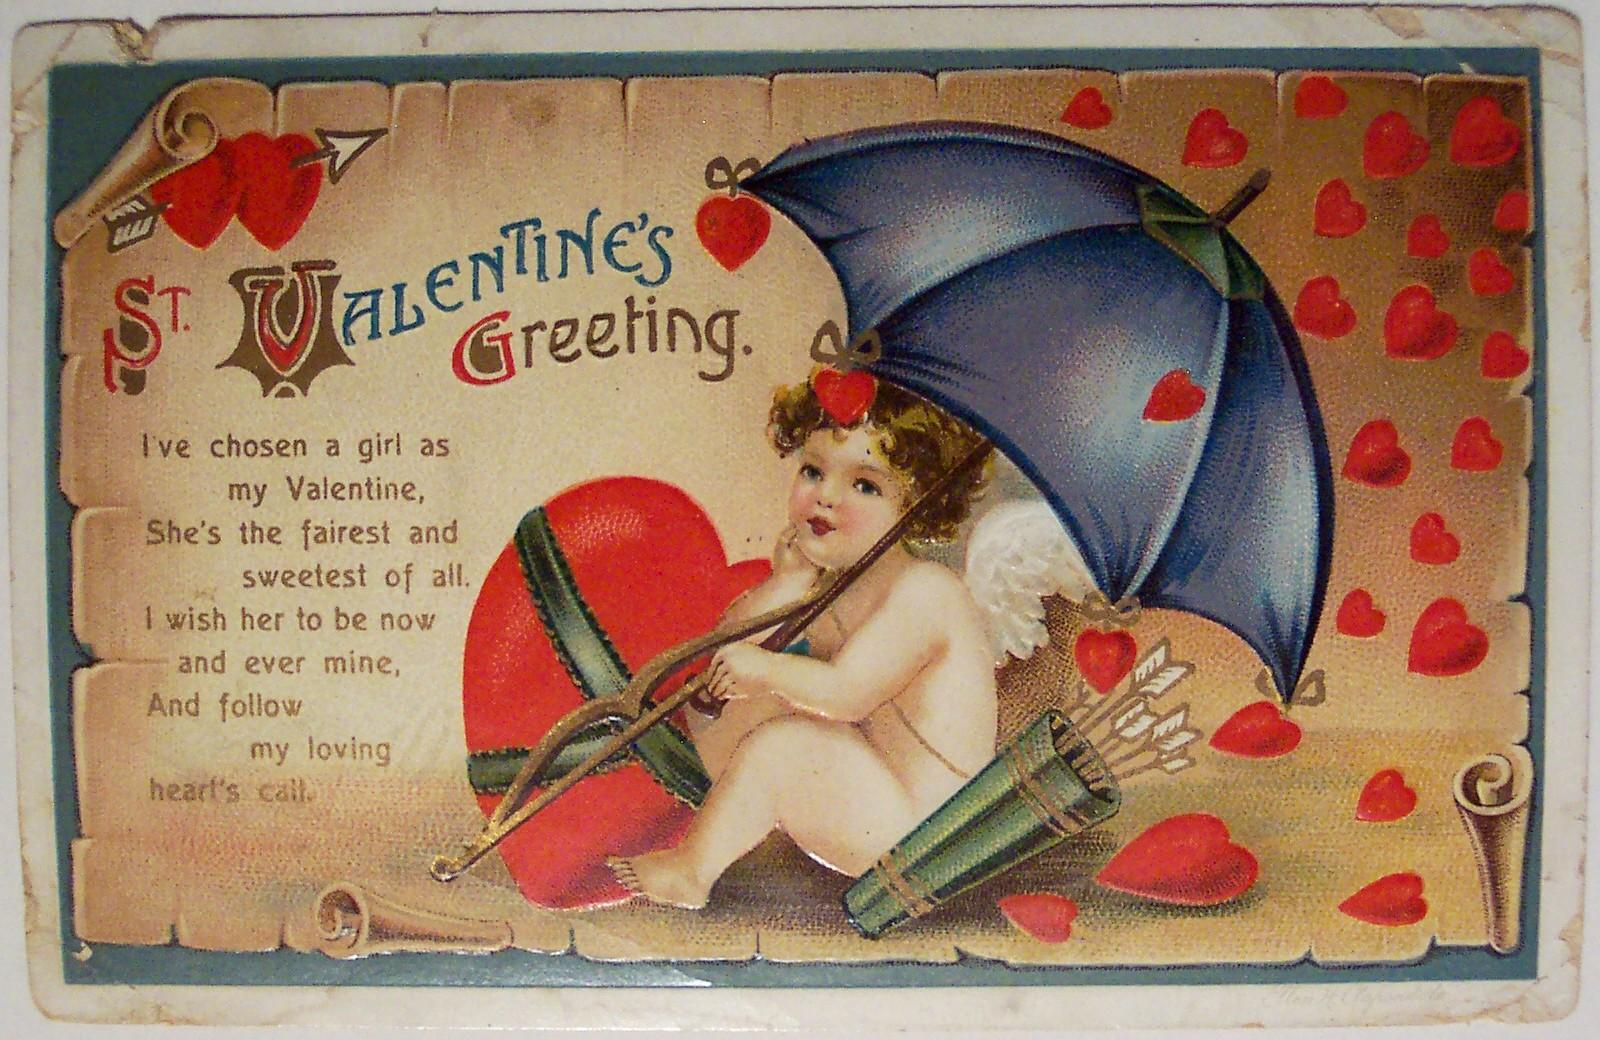 Поздравления с днем Святого Валентина - Поздравок 8